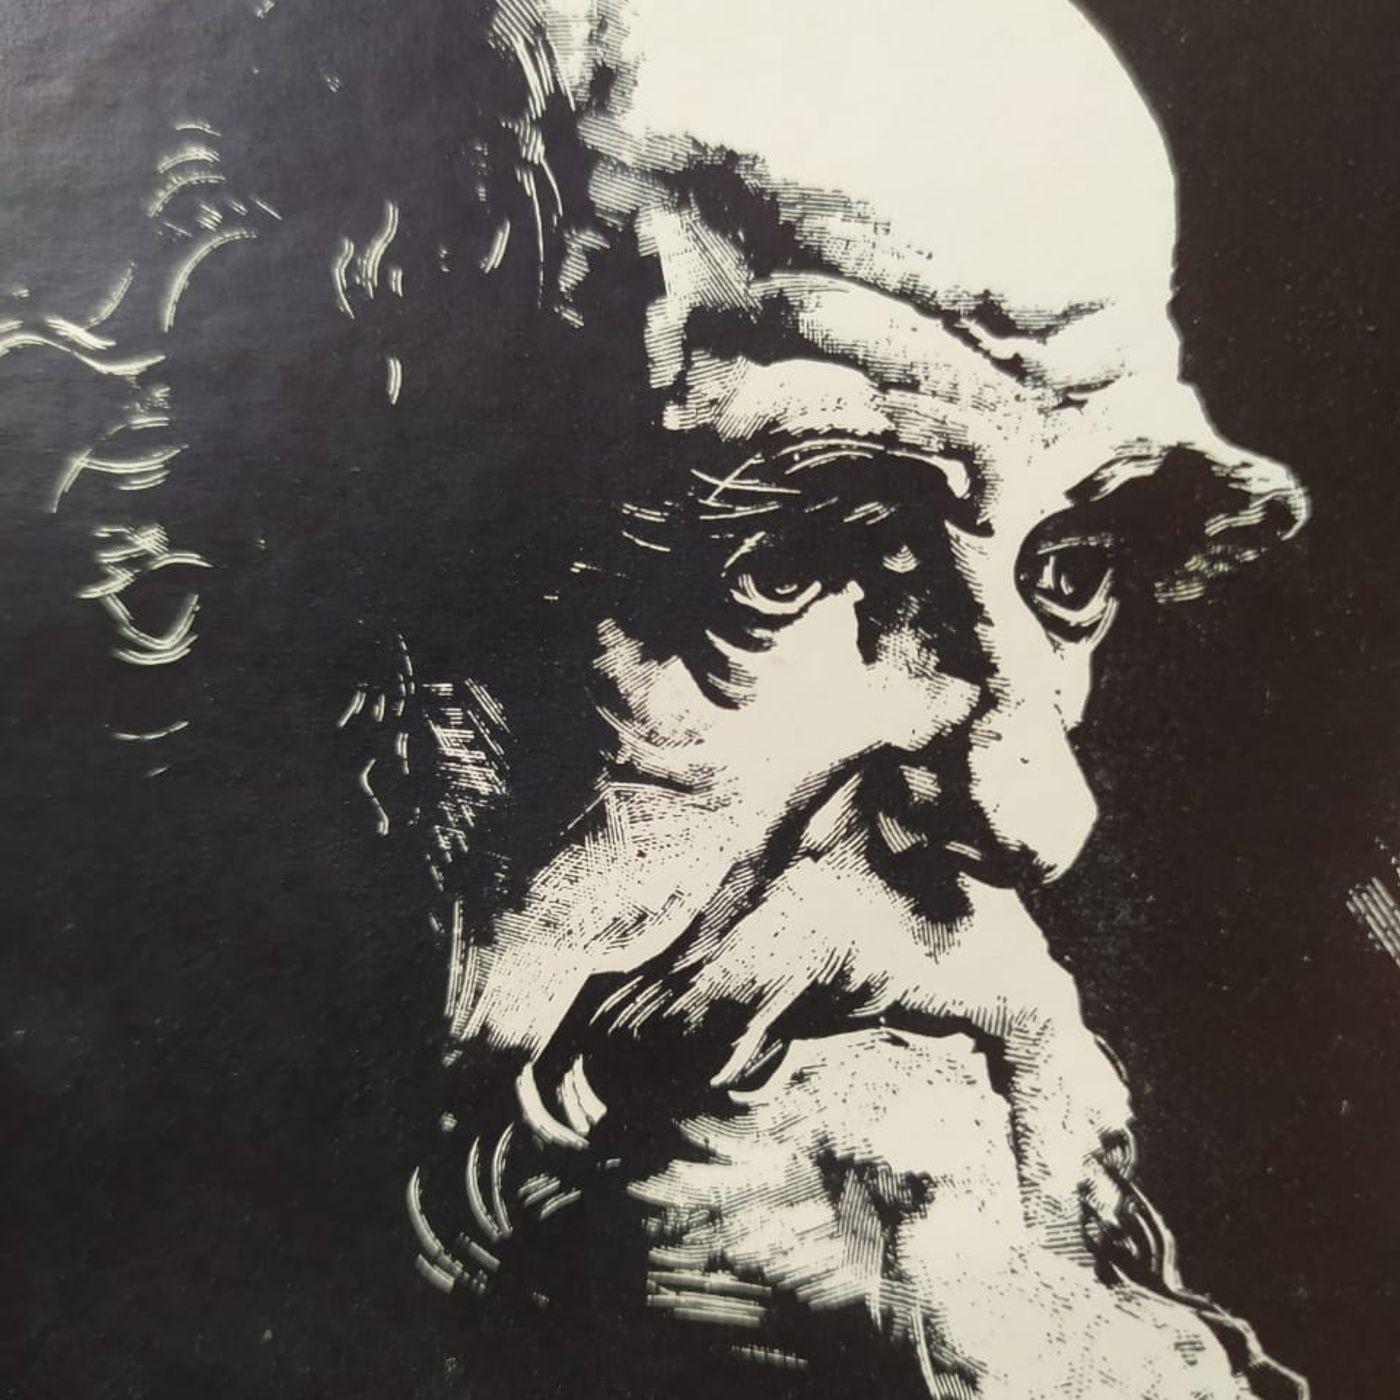 Darwin - ¿El más apto es el más moral?